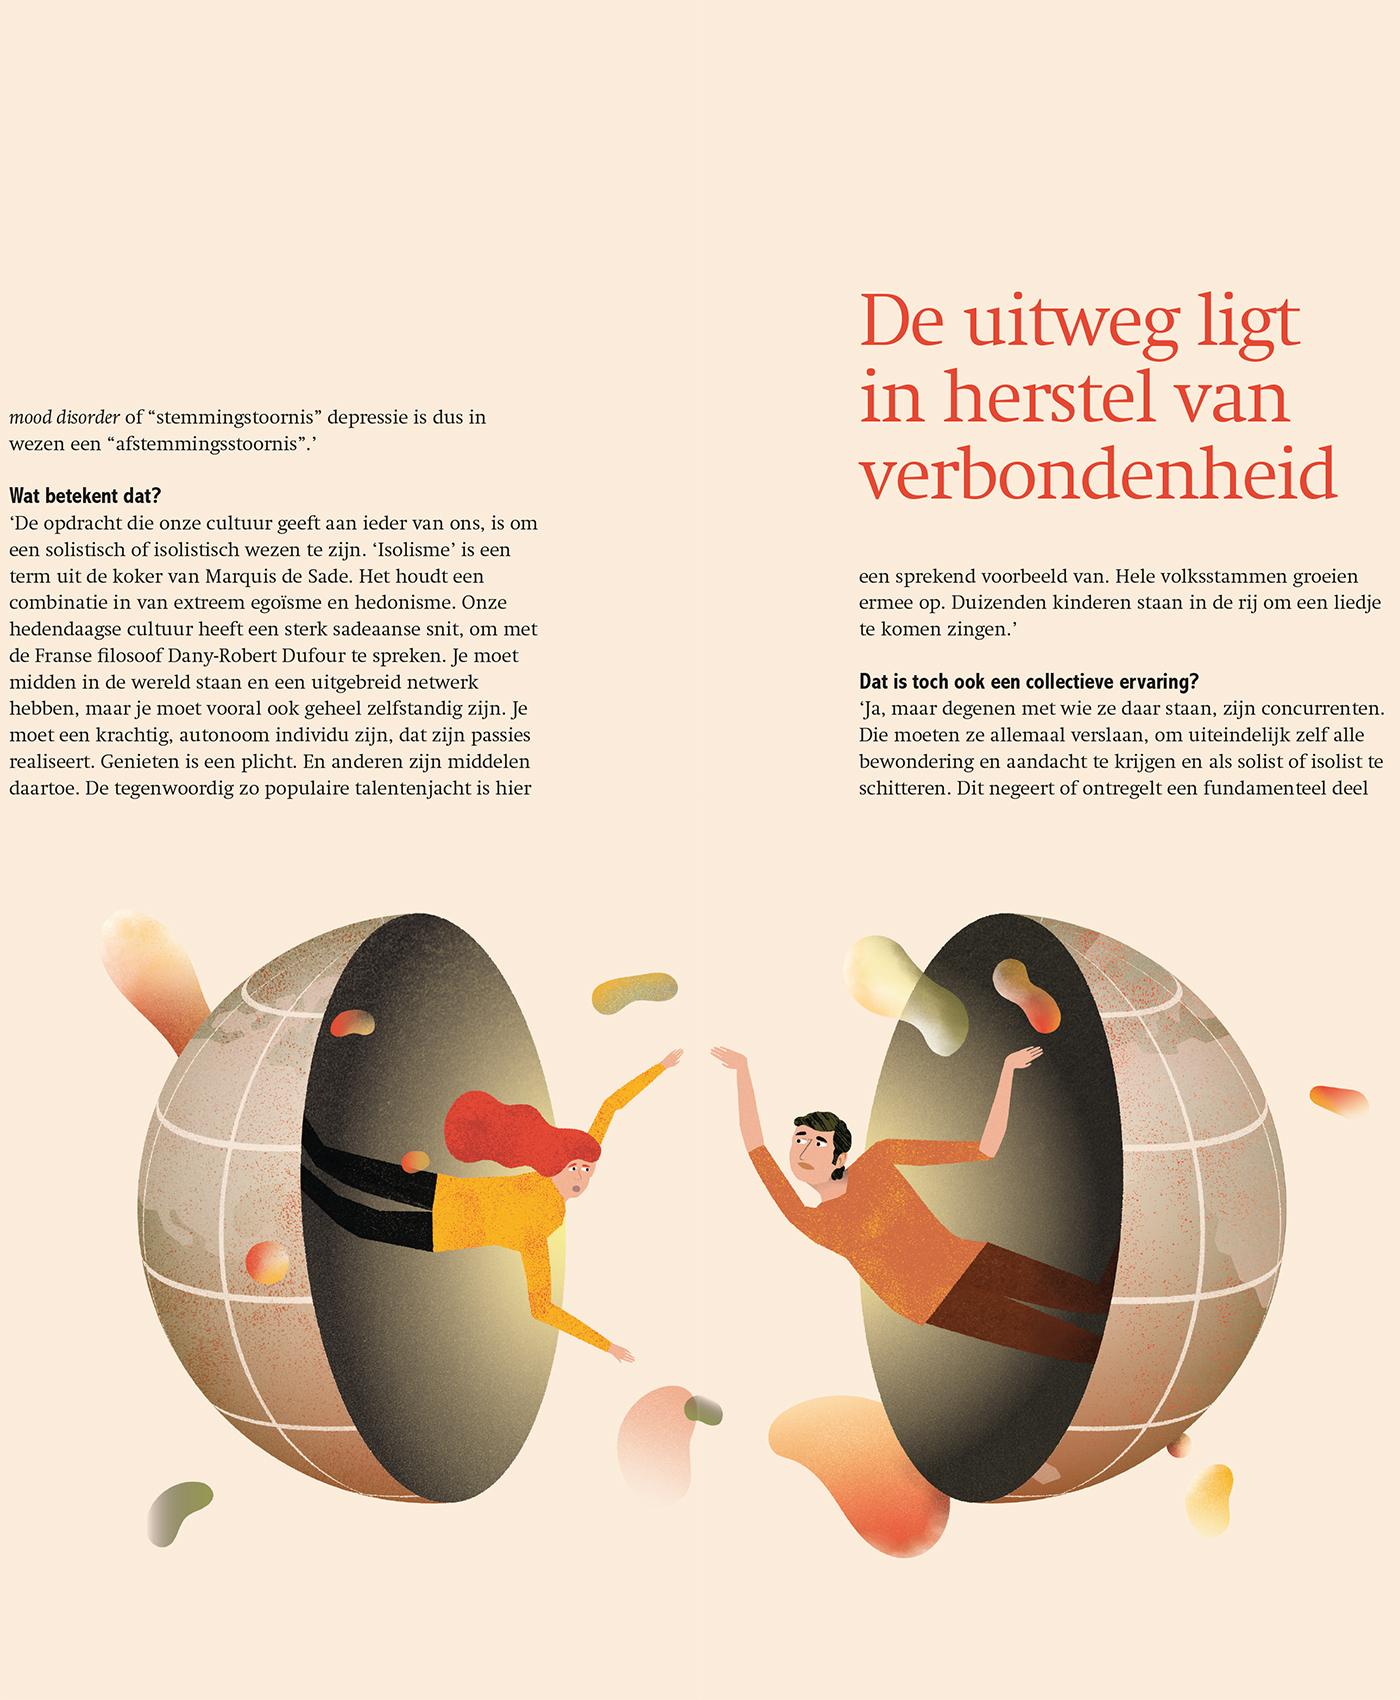 2019_05_Bert van den Bergh.indd